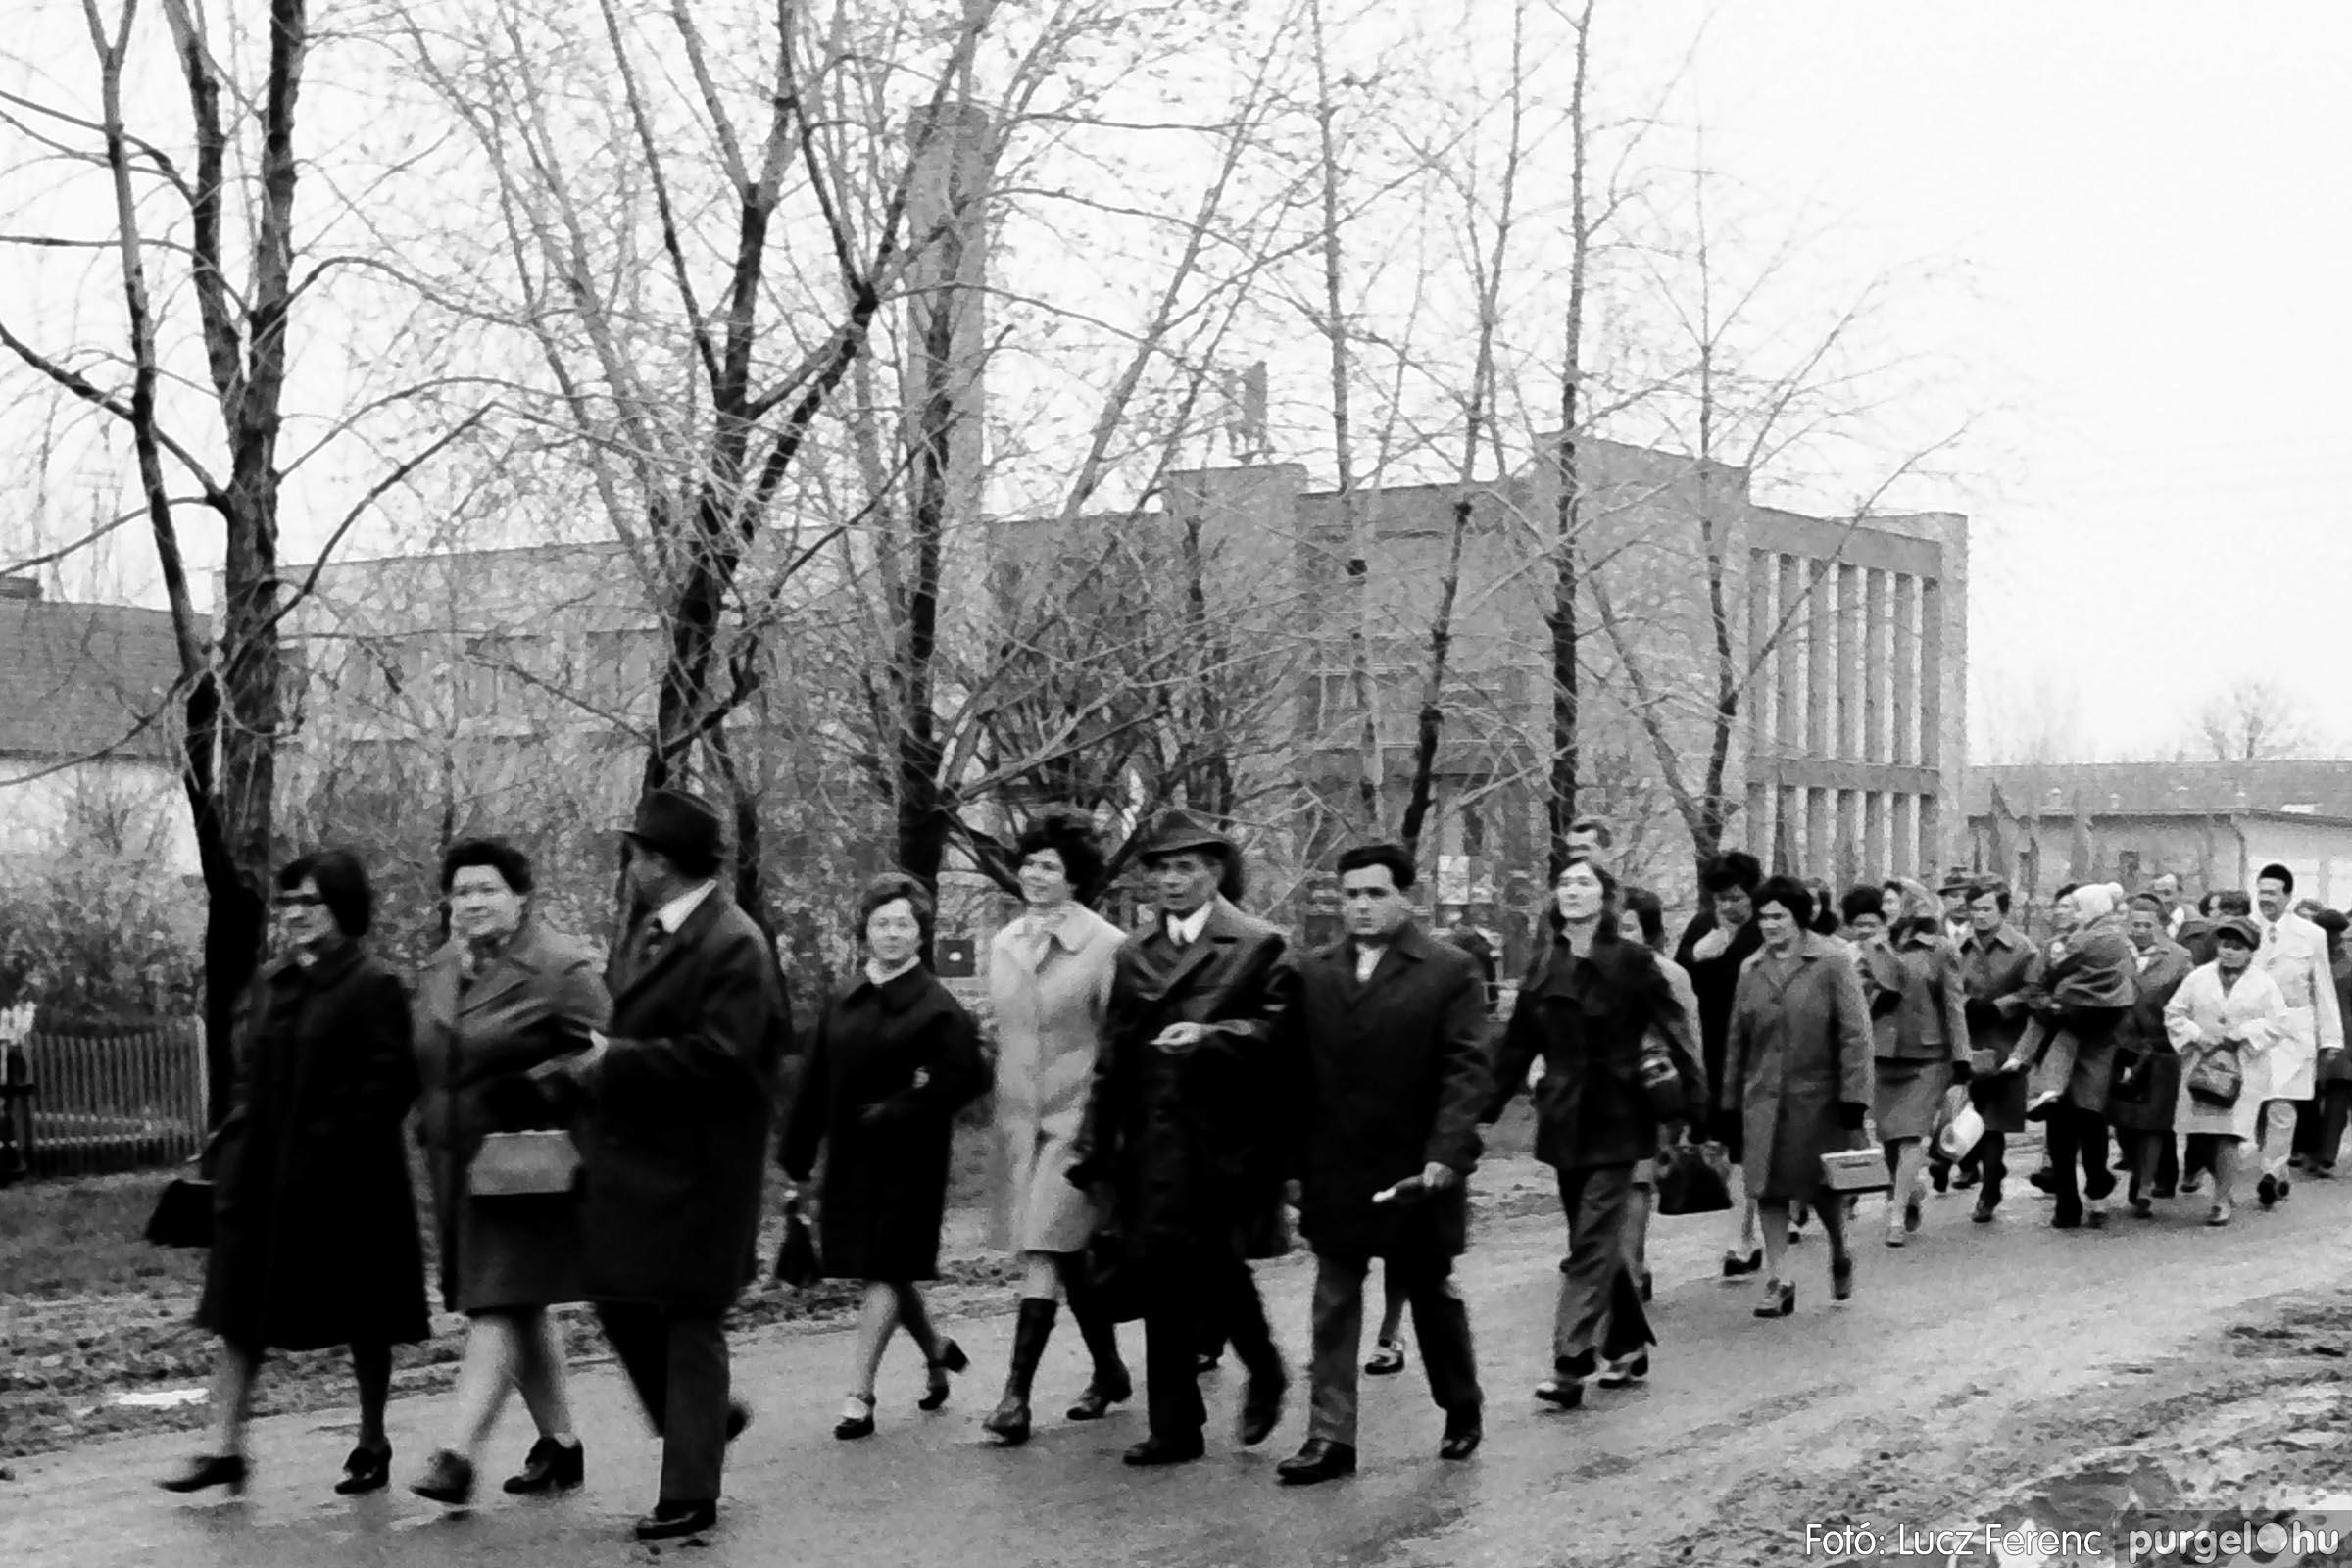 008 1975.04.04. Április 4-i ünnepség 009 - Fotó: Lucz Ferenc IMG00132q.jpg